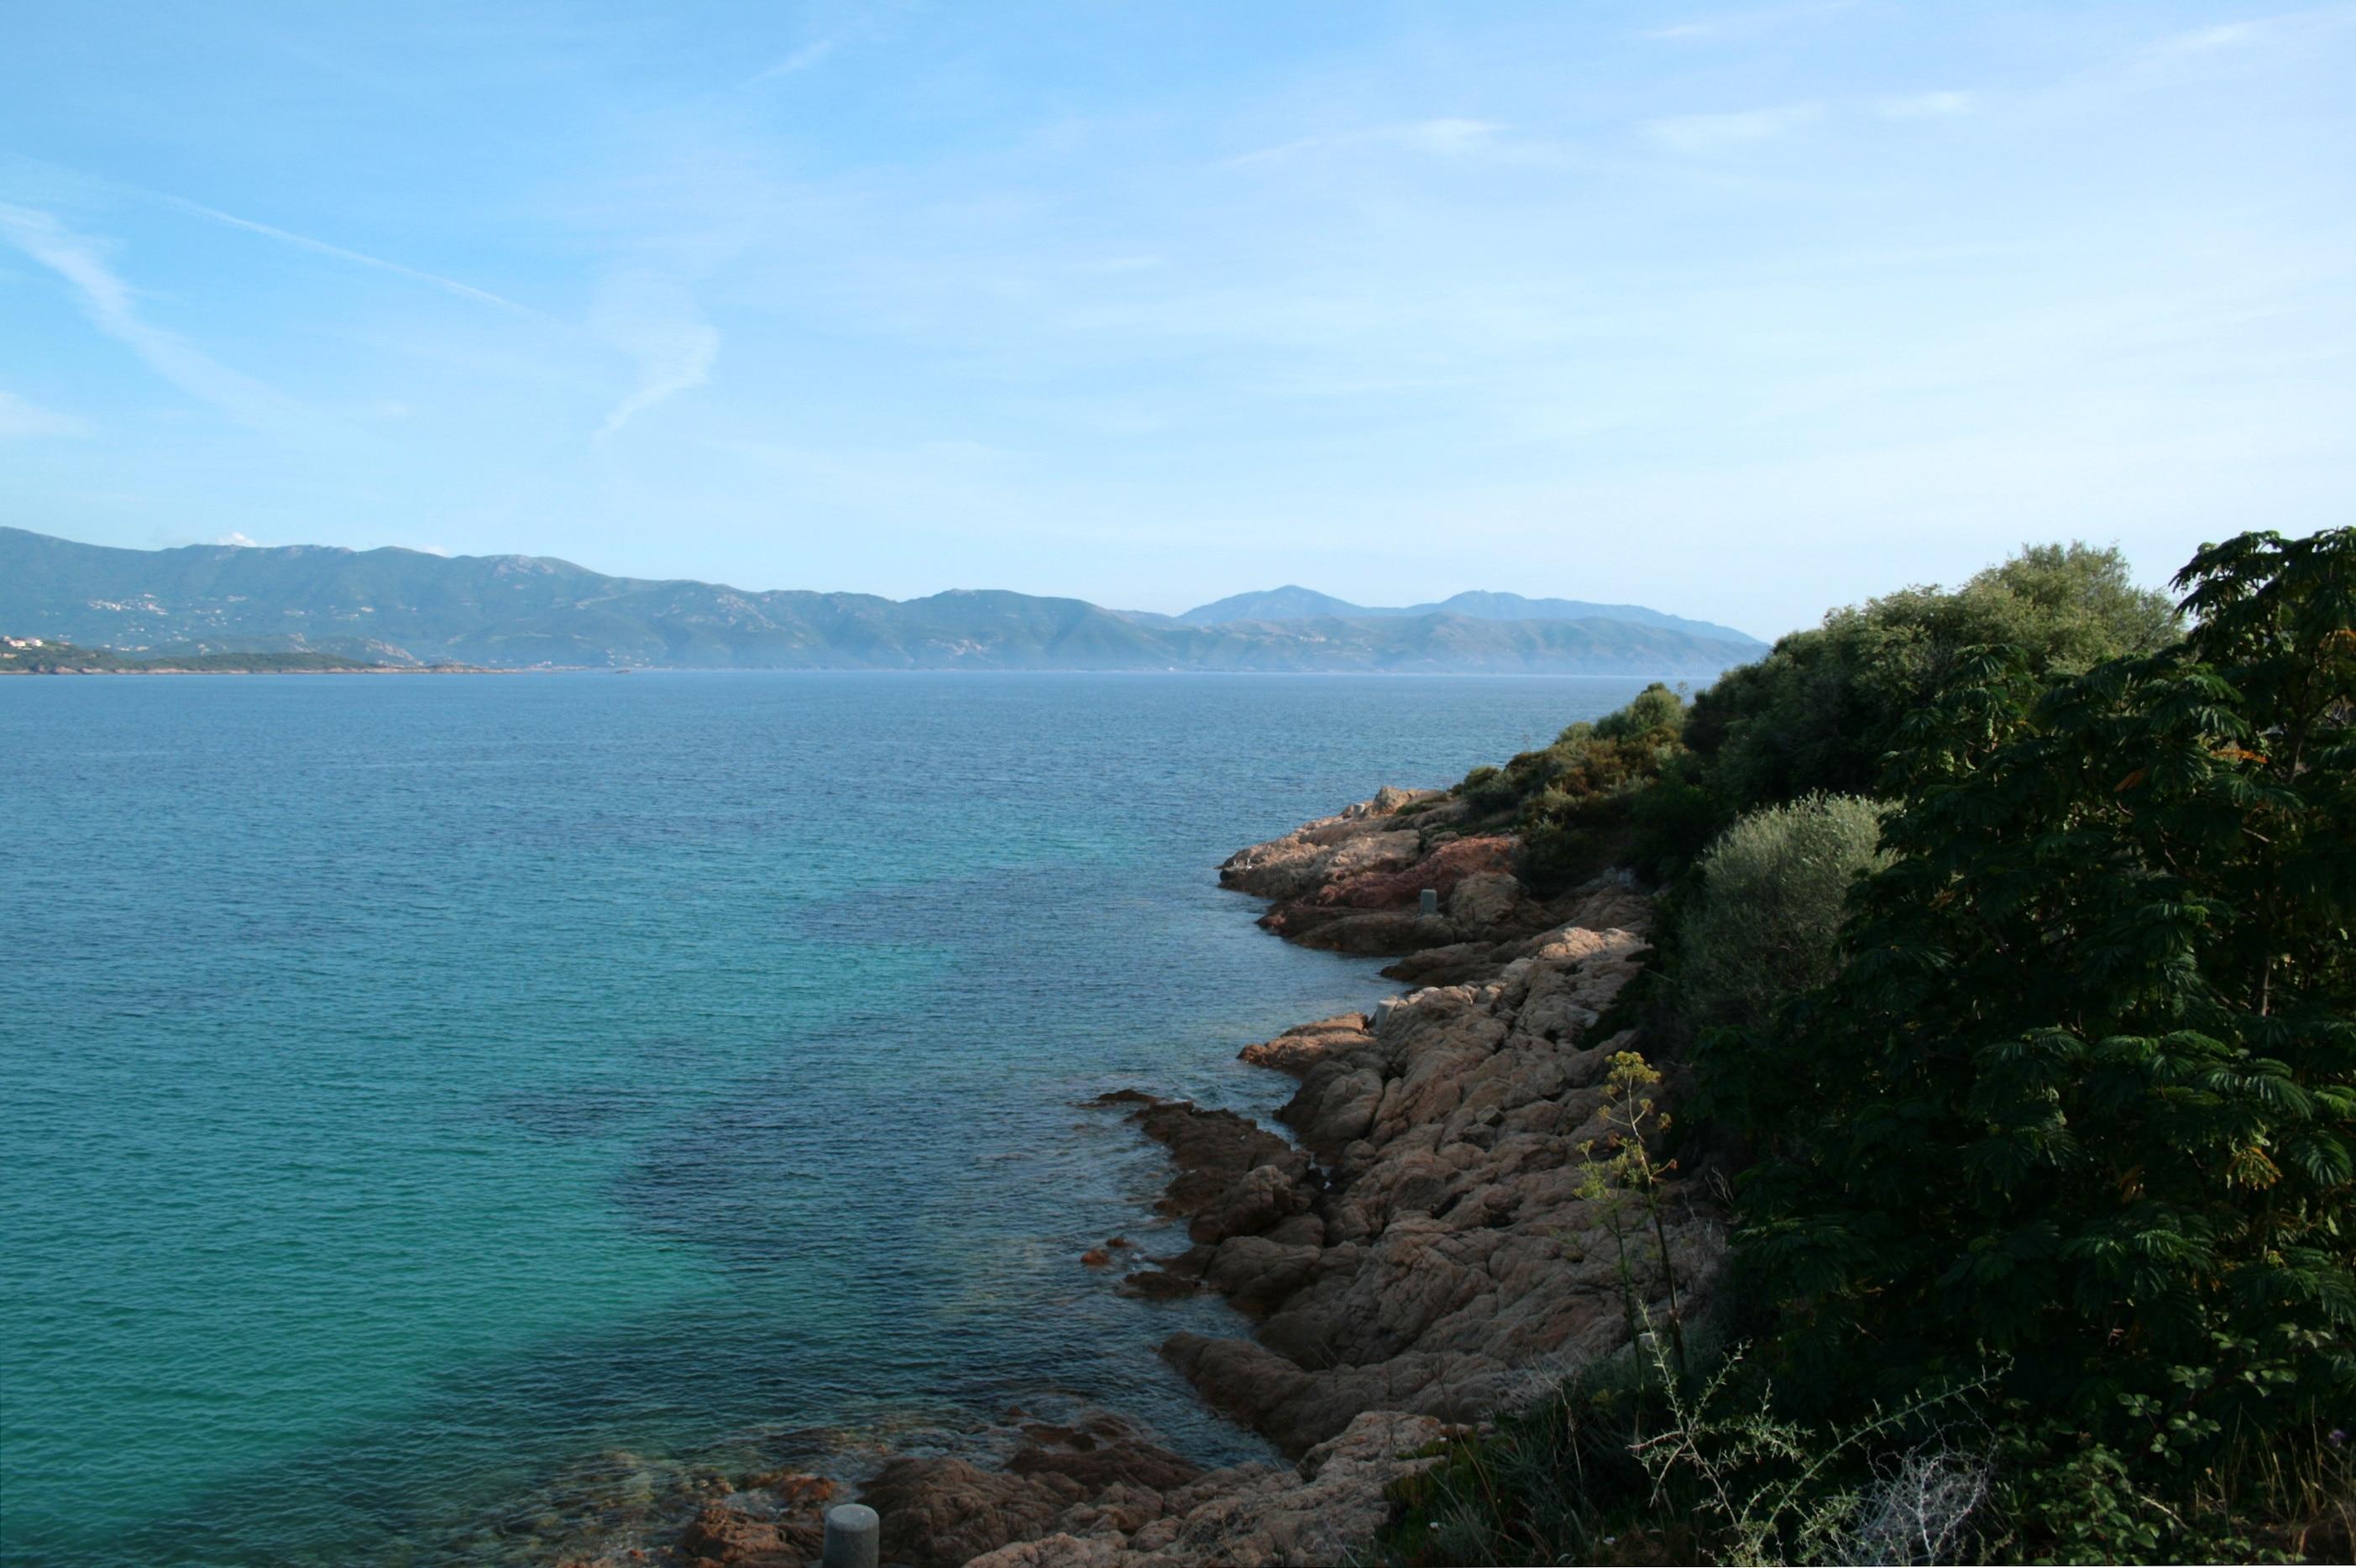 Vico, Corse-du-Sud, France